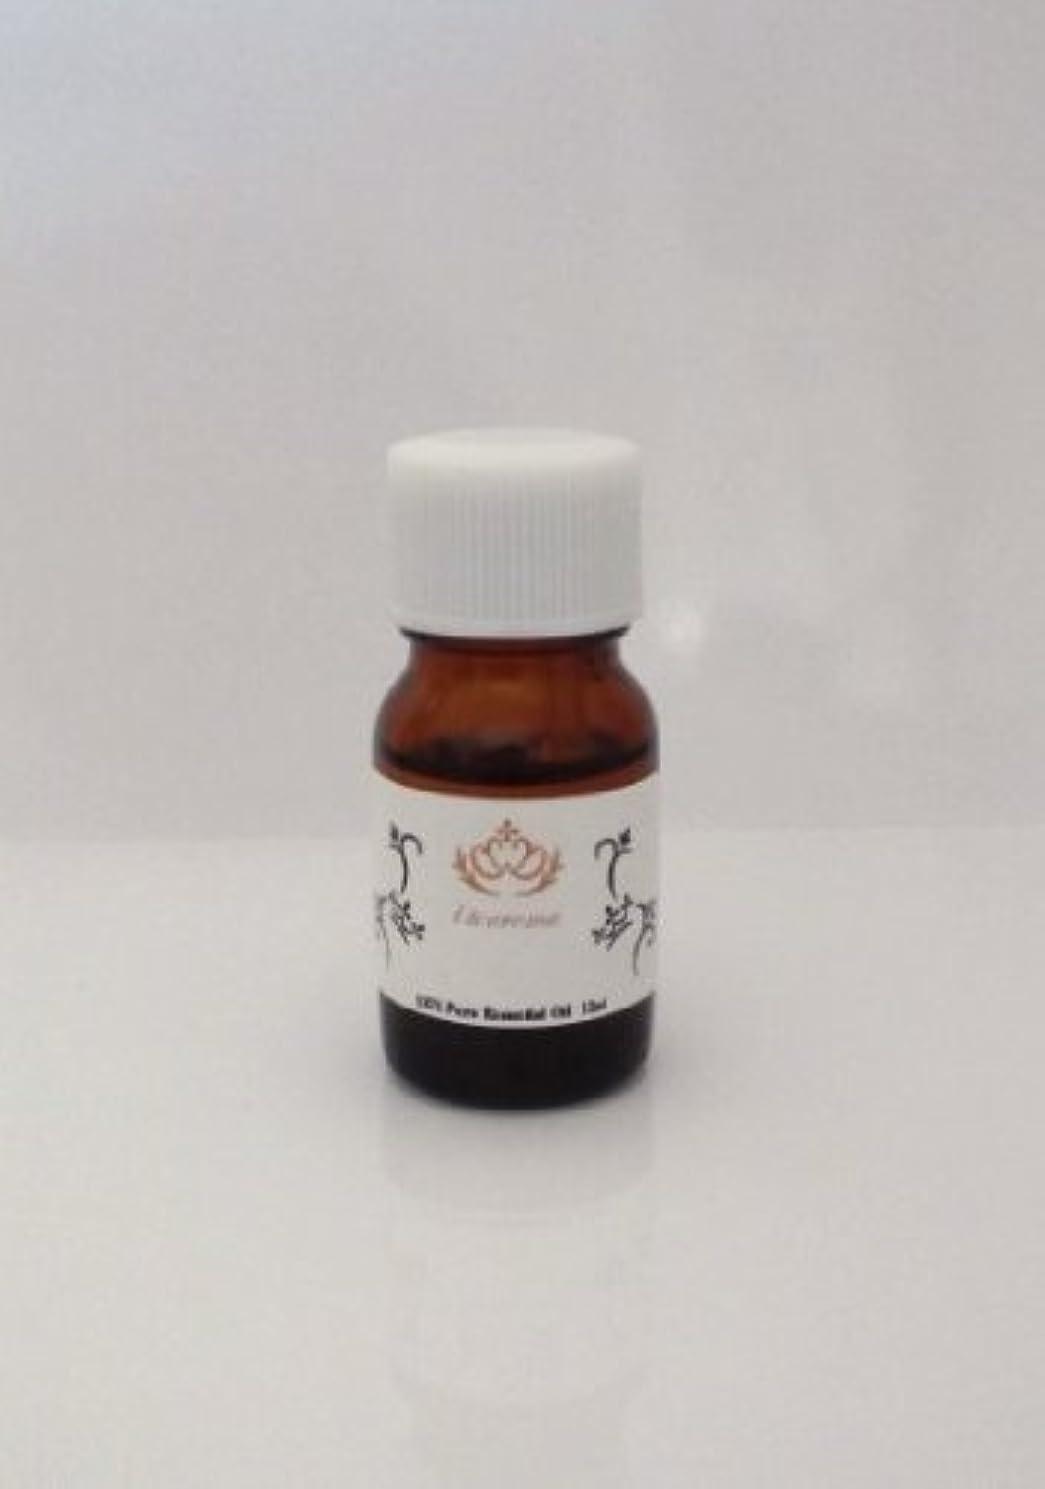 コンテストペチュランスポゴスティックジャンプダイエットビューティー<i&aromaオリジナルブレンドオイル>10ml